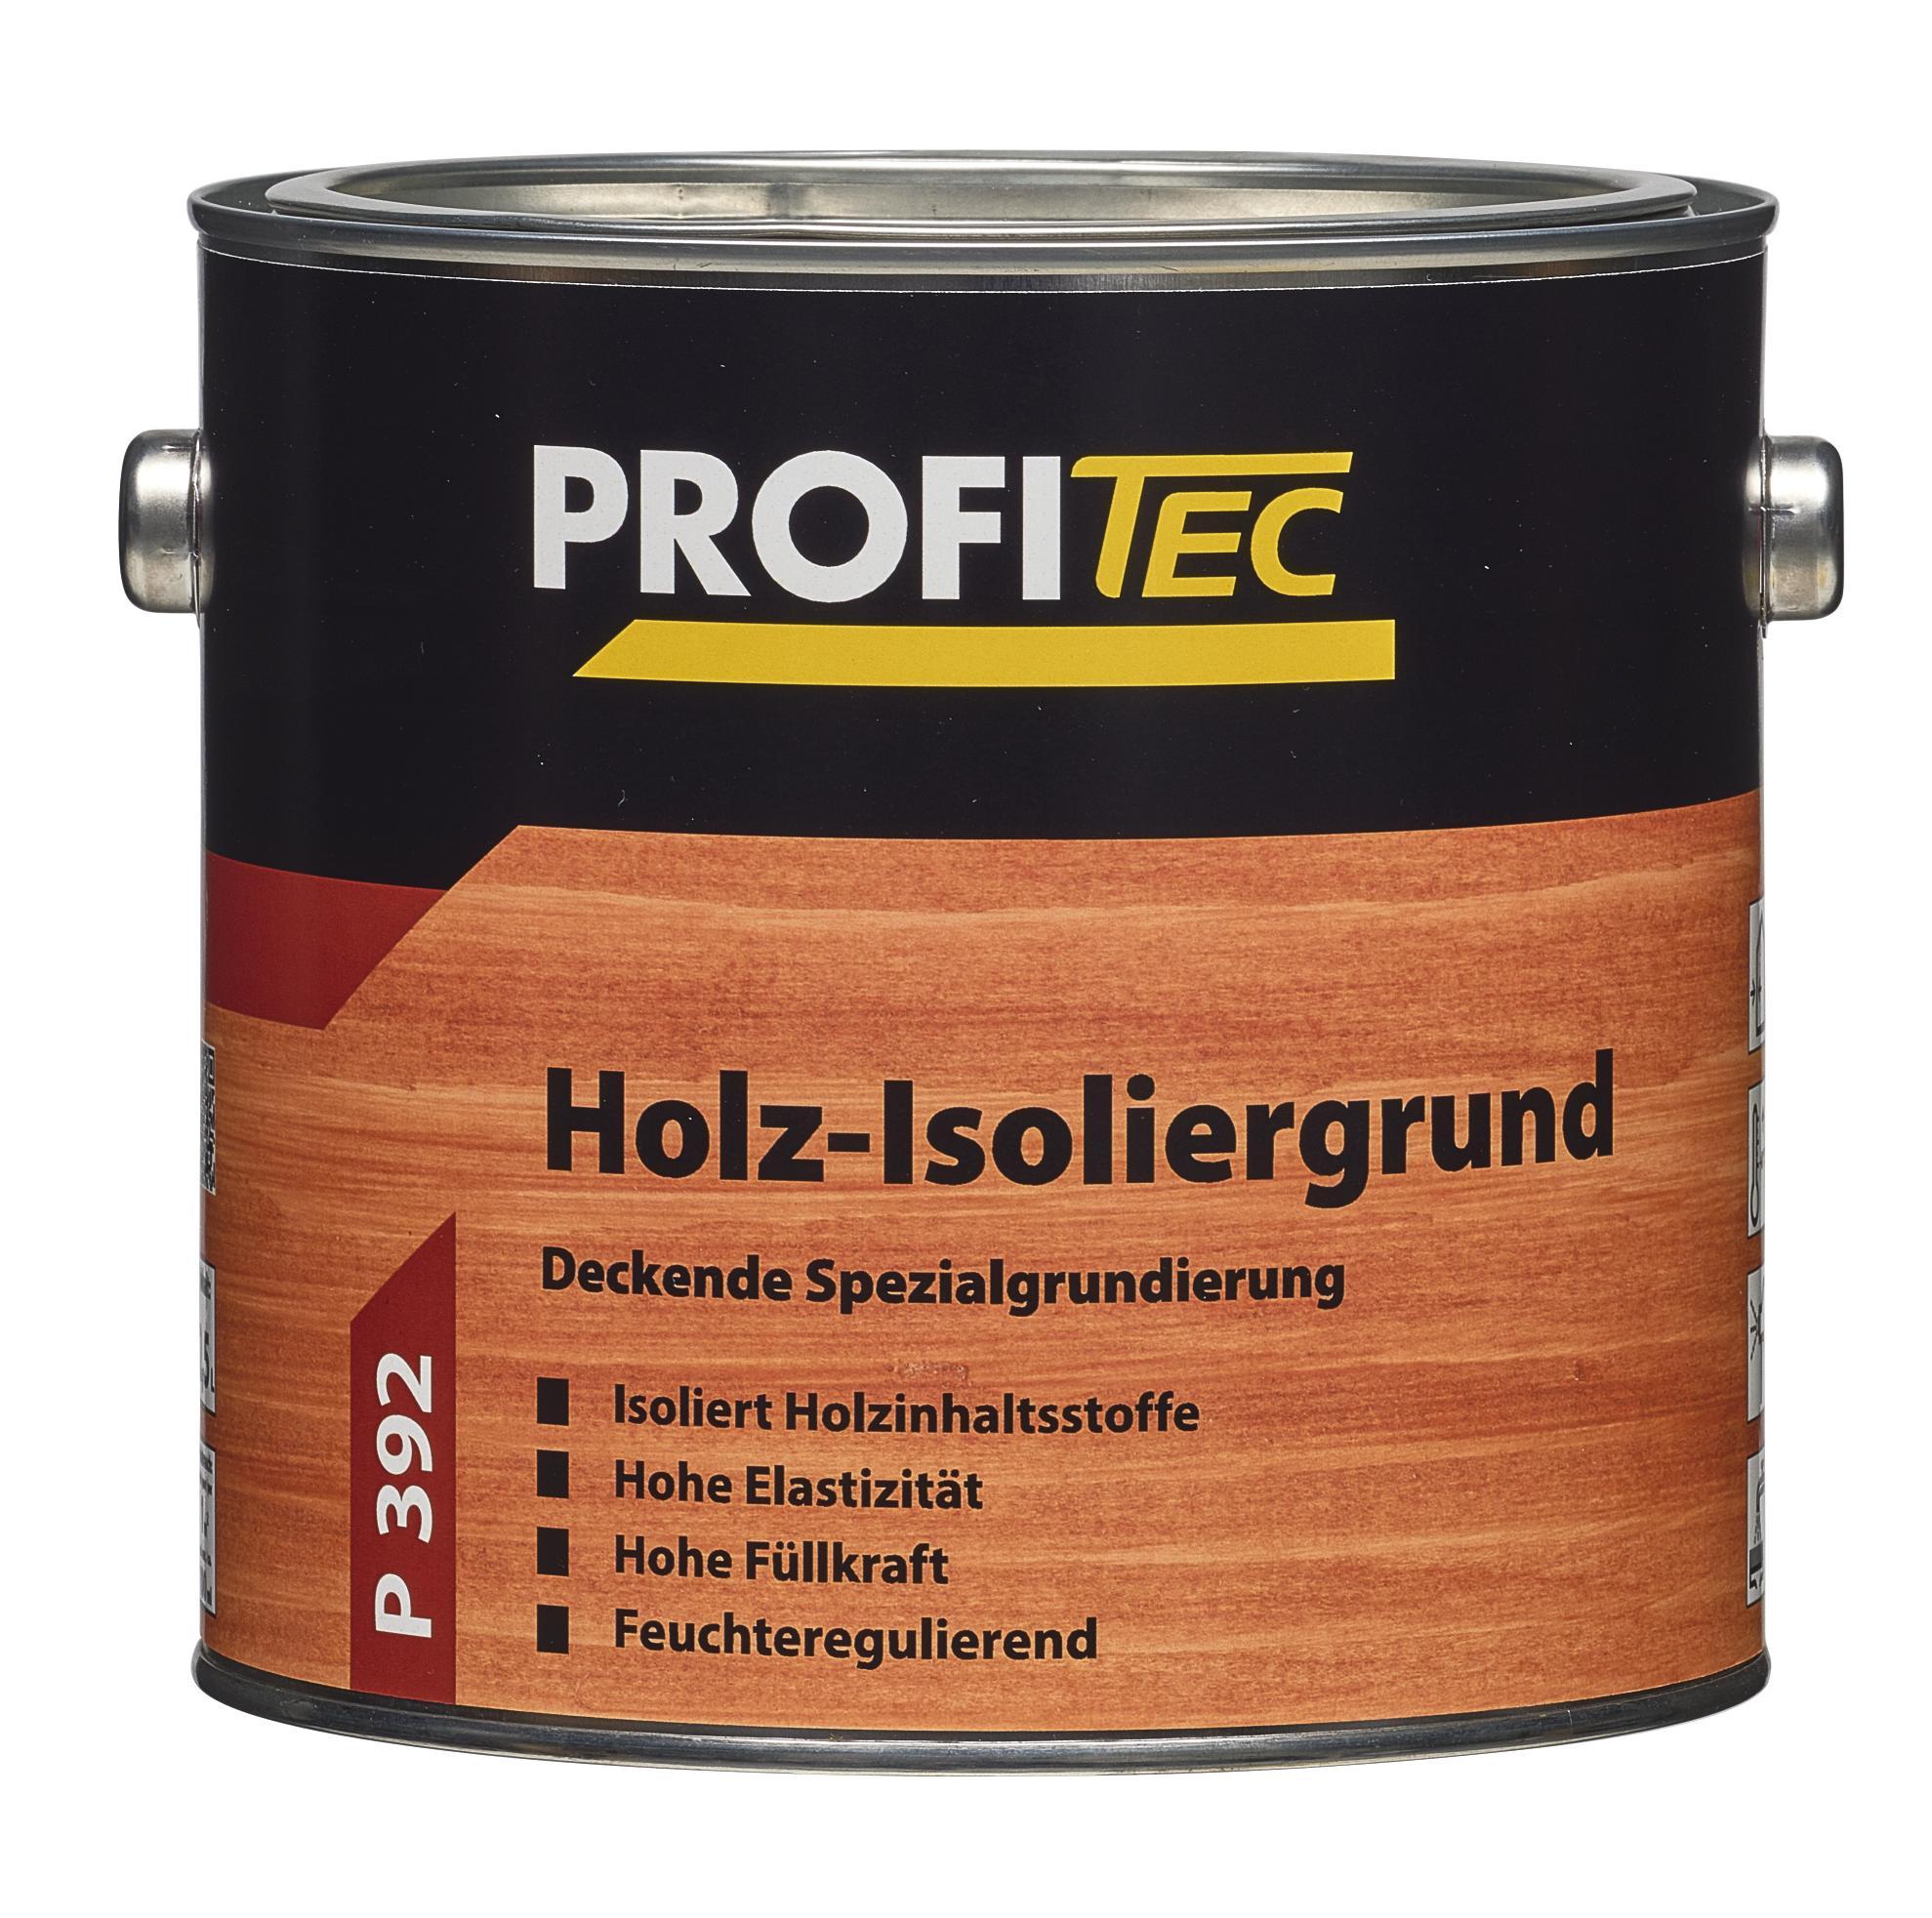 p 392 holz-isoliergrund